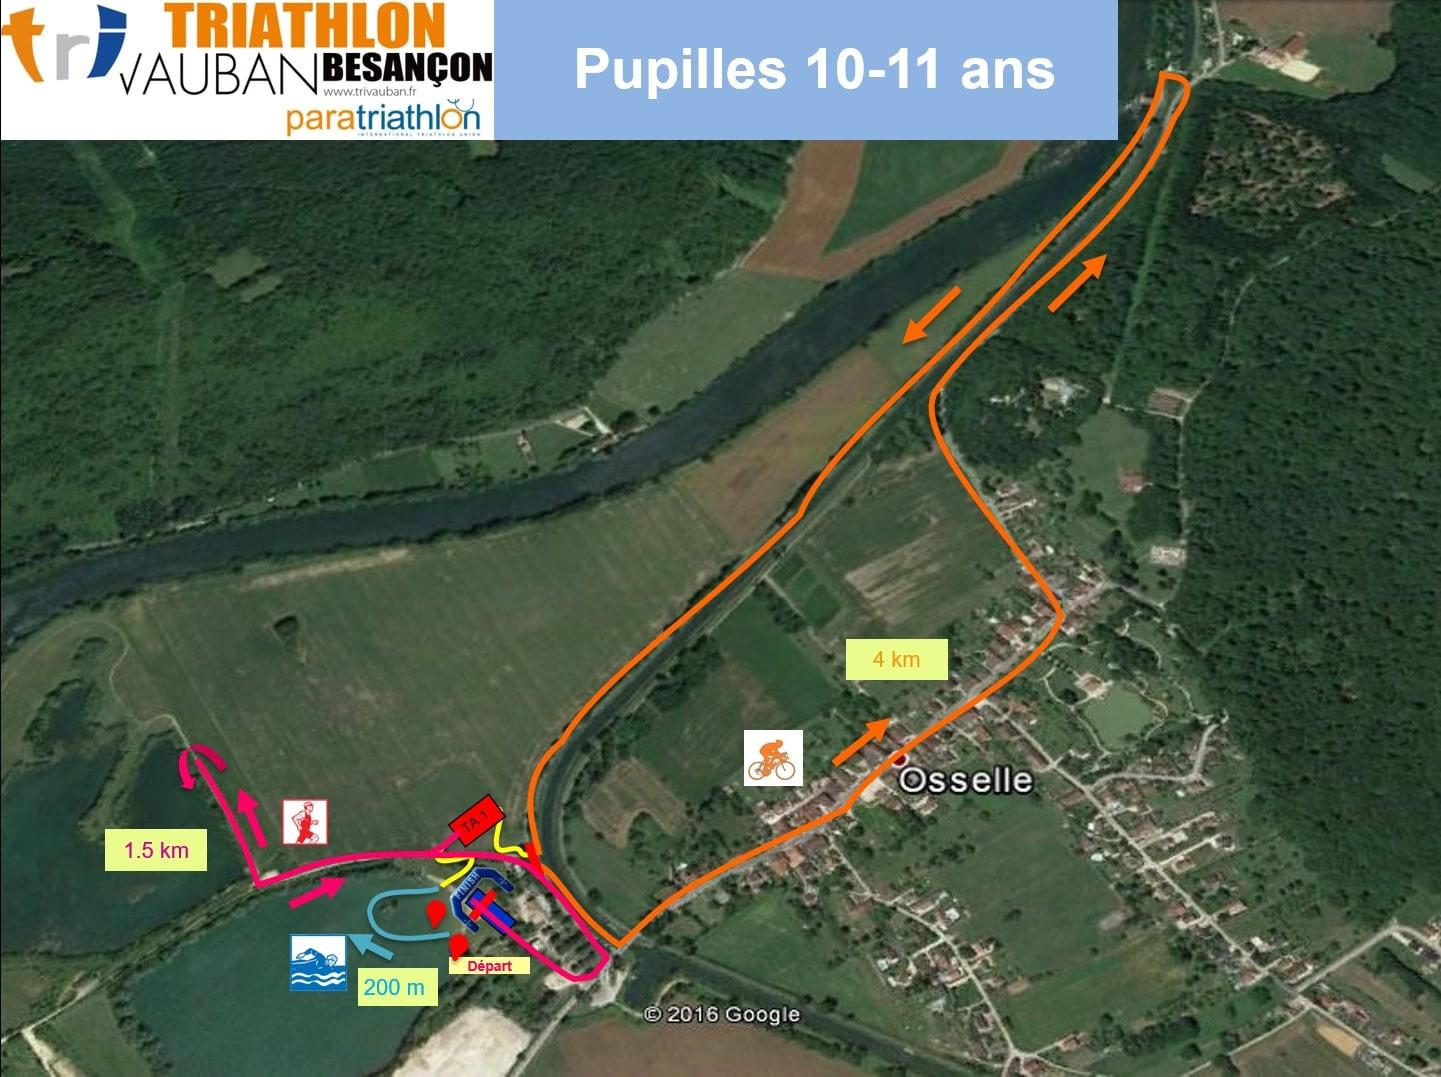 Parcours Course Jeunes 10-11 Ans Triathlon Vauban